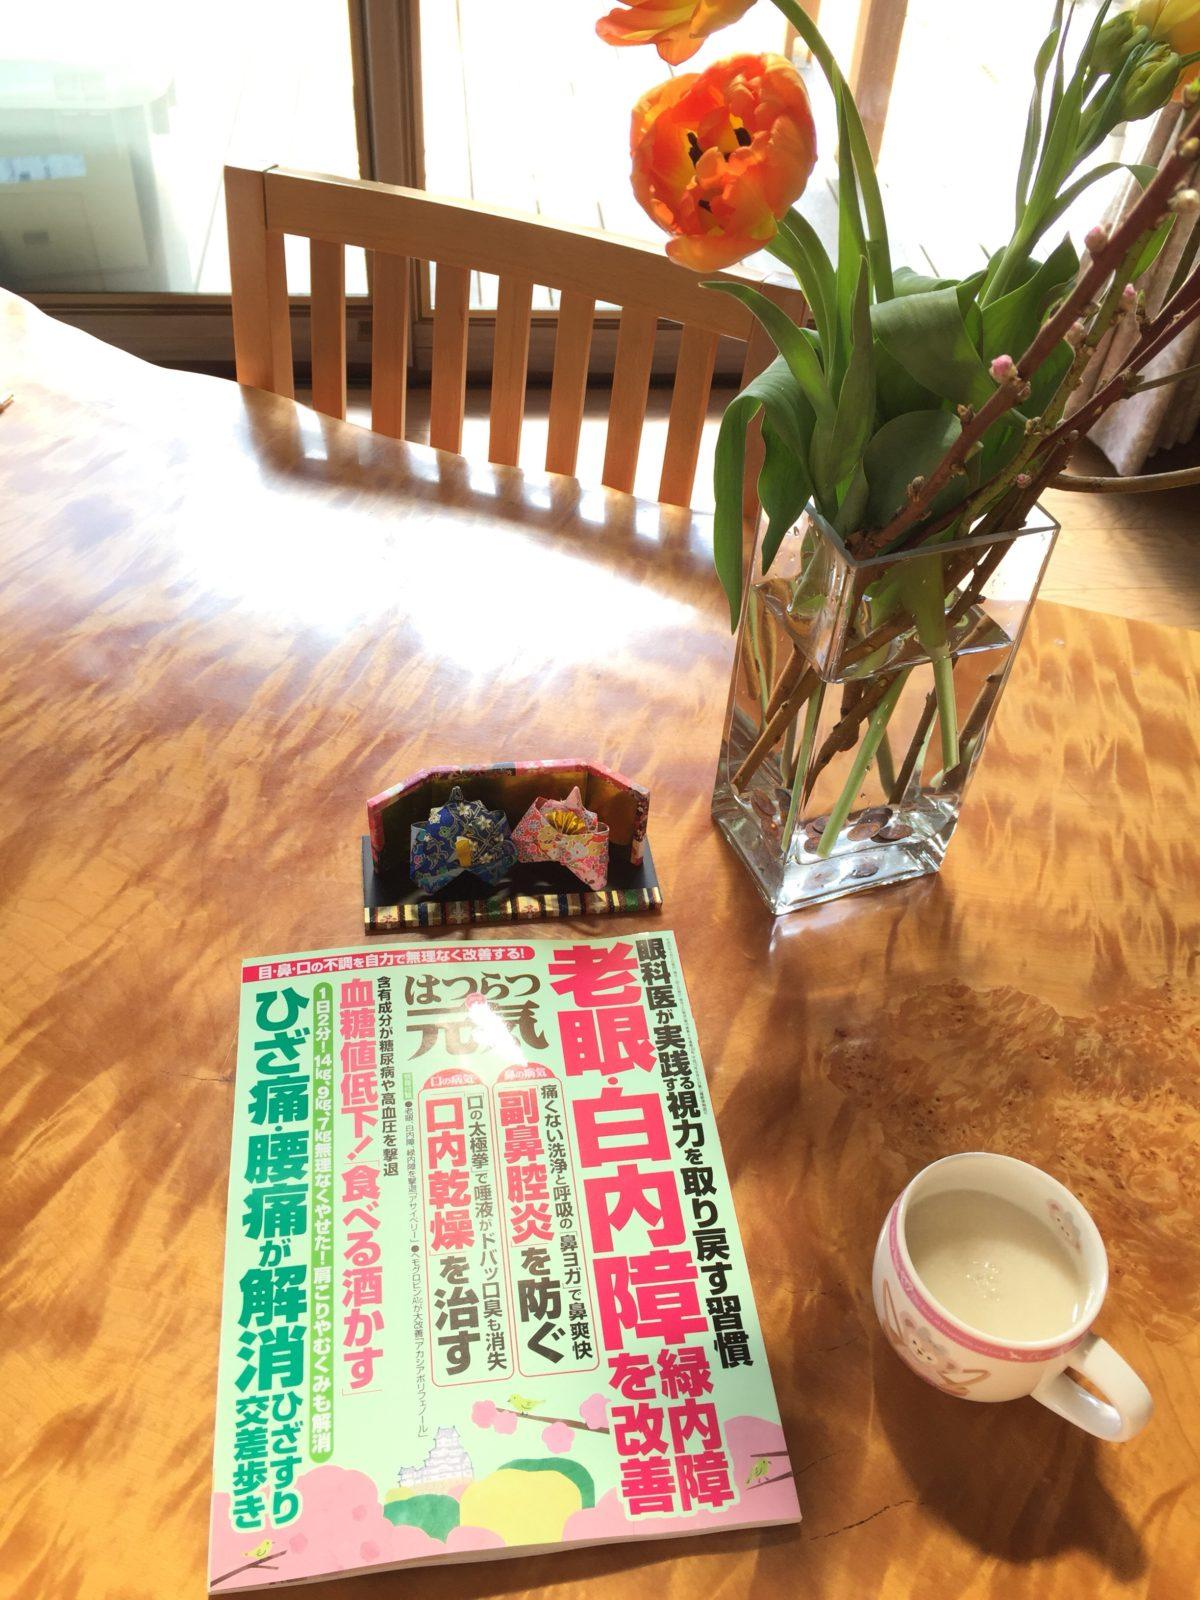 4/28【鼻ヨガセミナー&デトベジランチ(花粉症予防ミニ講座付き)】参加者募集中❣